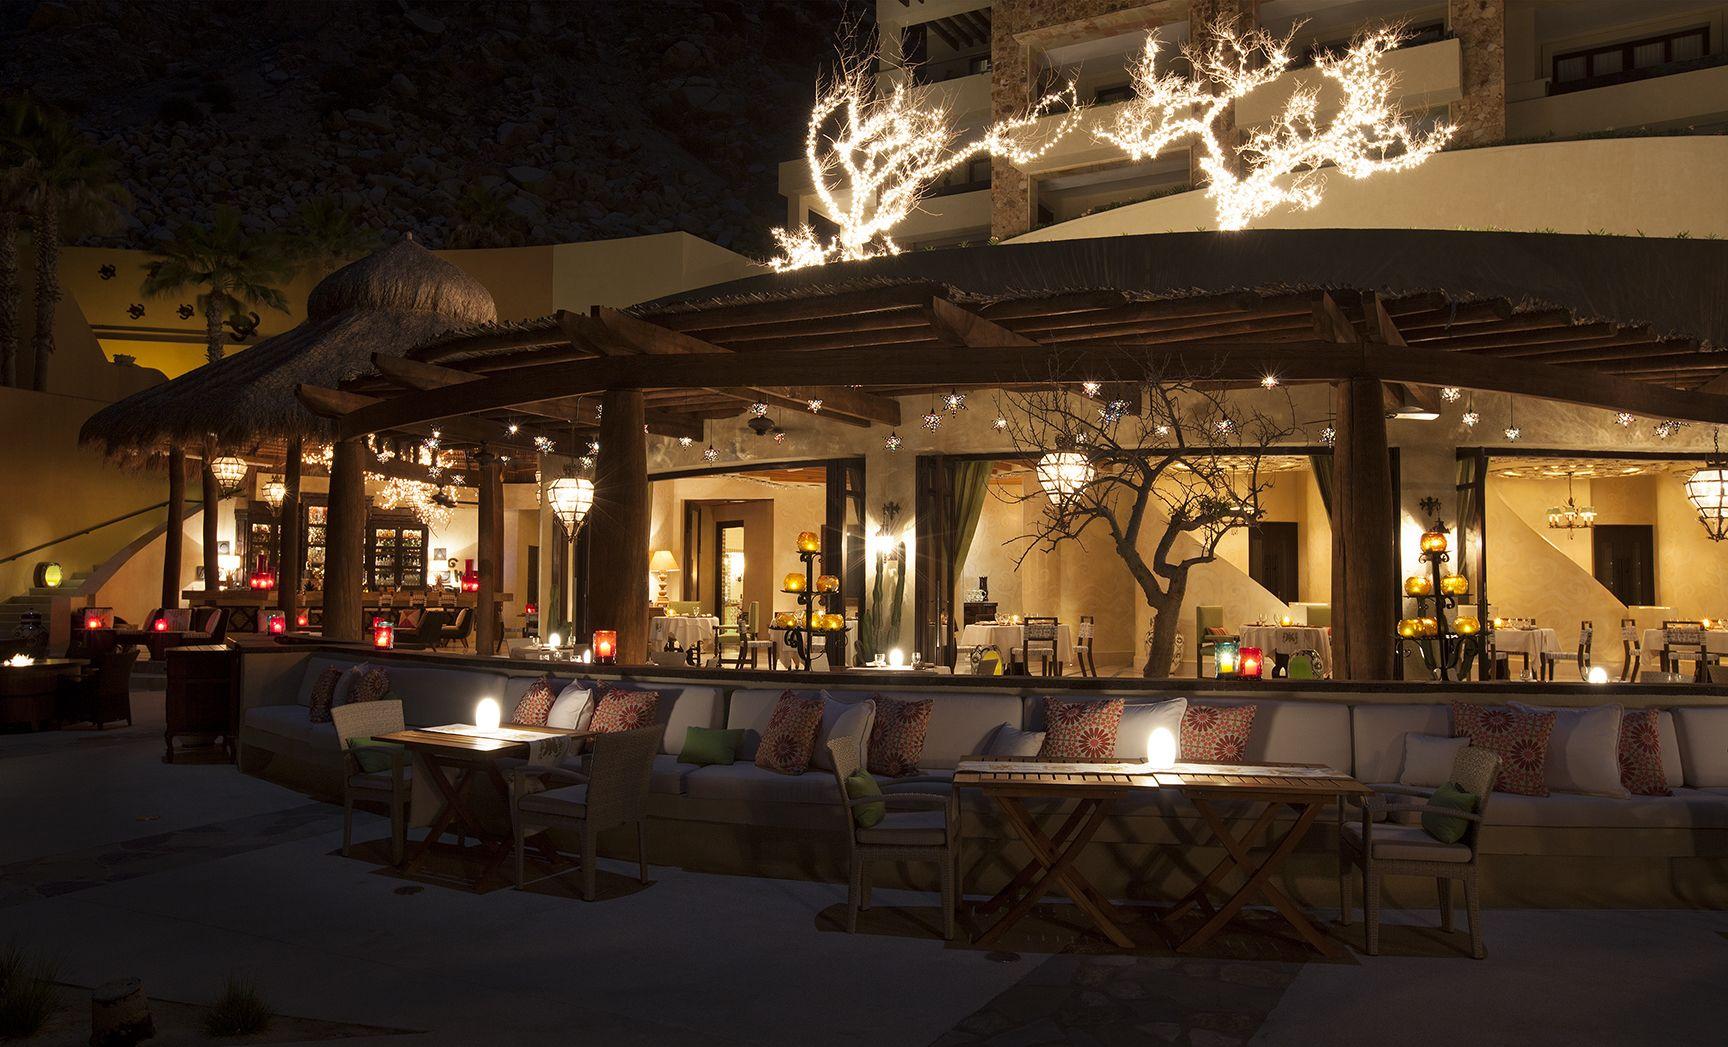 Cura del dettaglio / The Resort at Pedregal